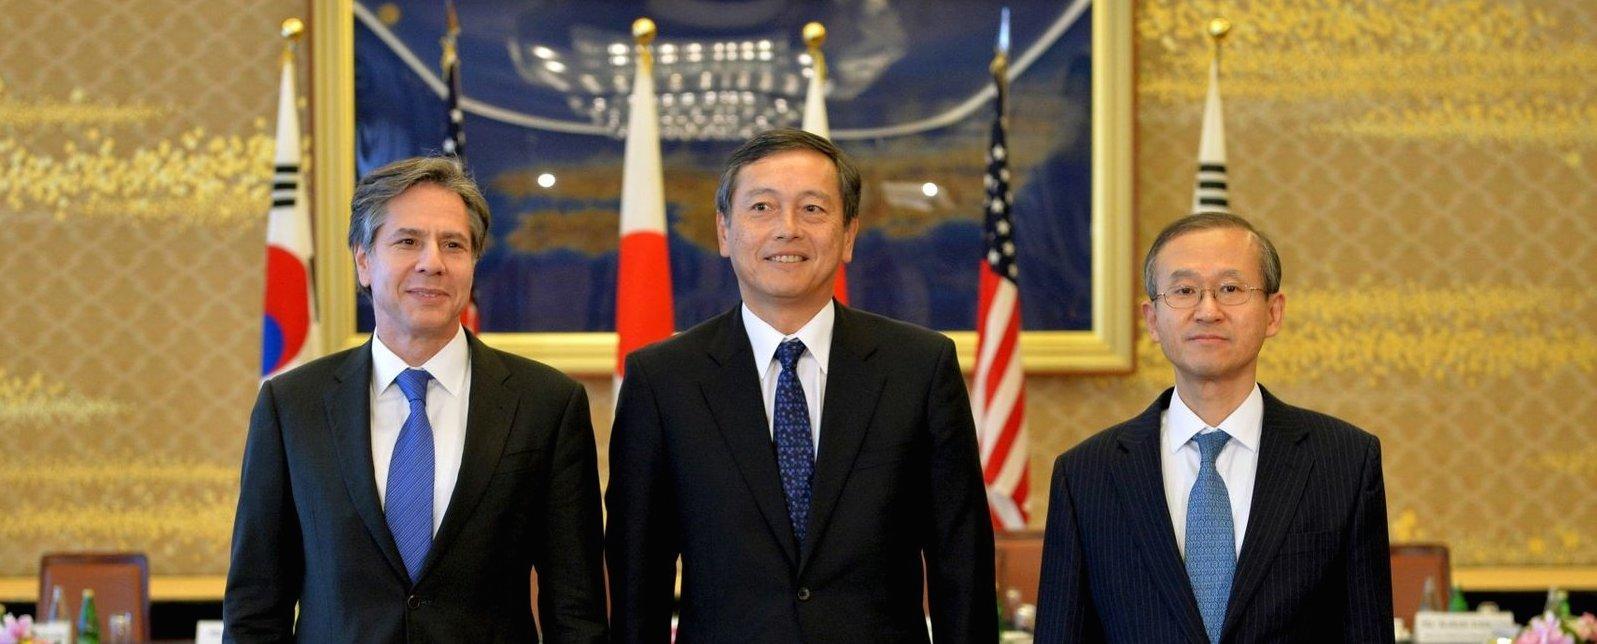 Les secrétaires asiatiques sont les meilleures